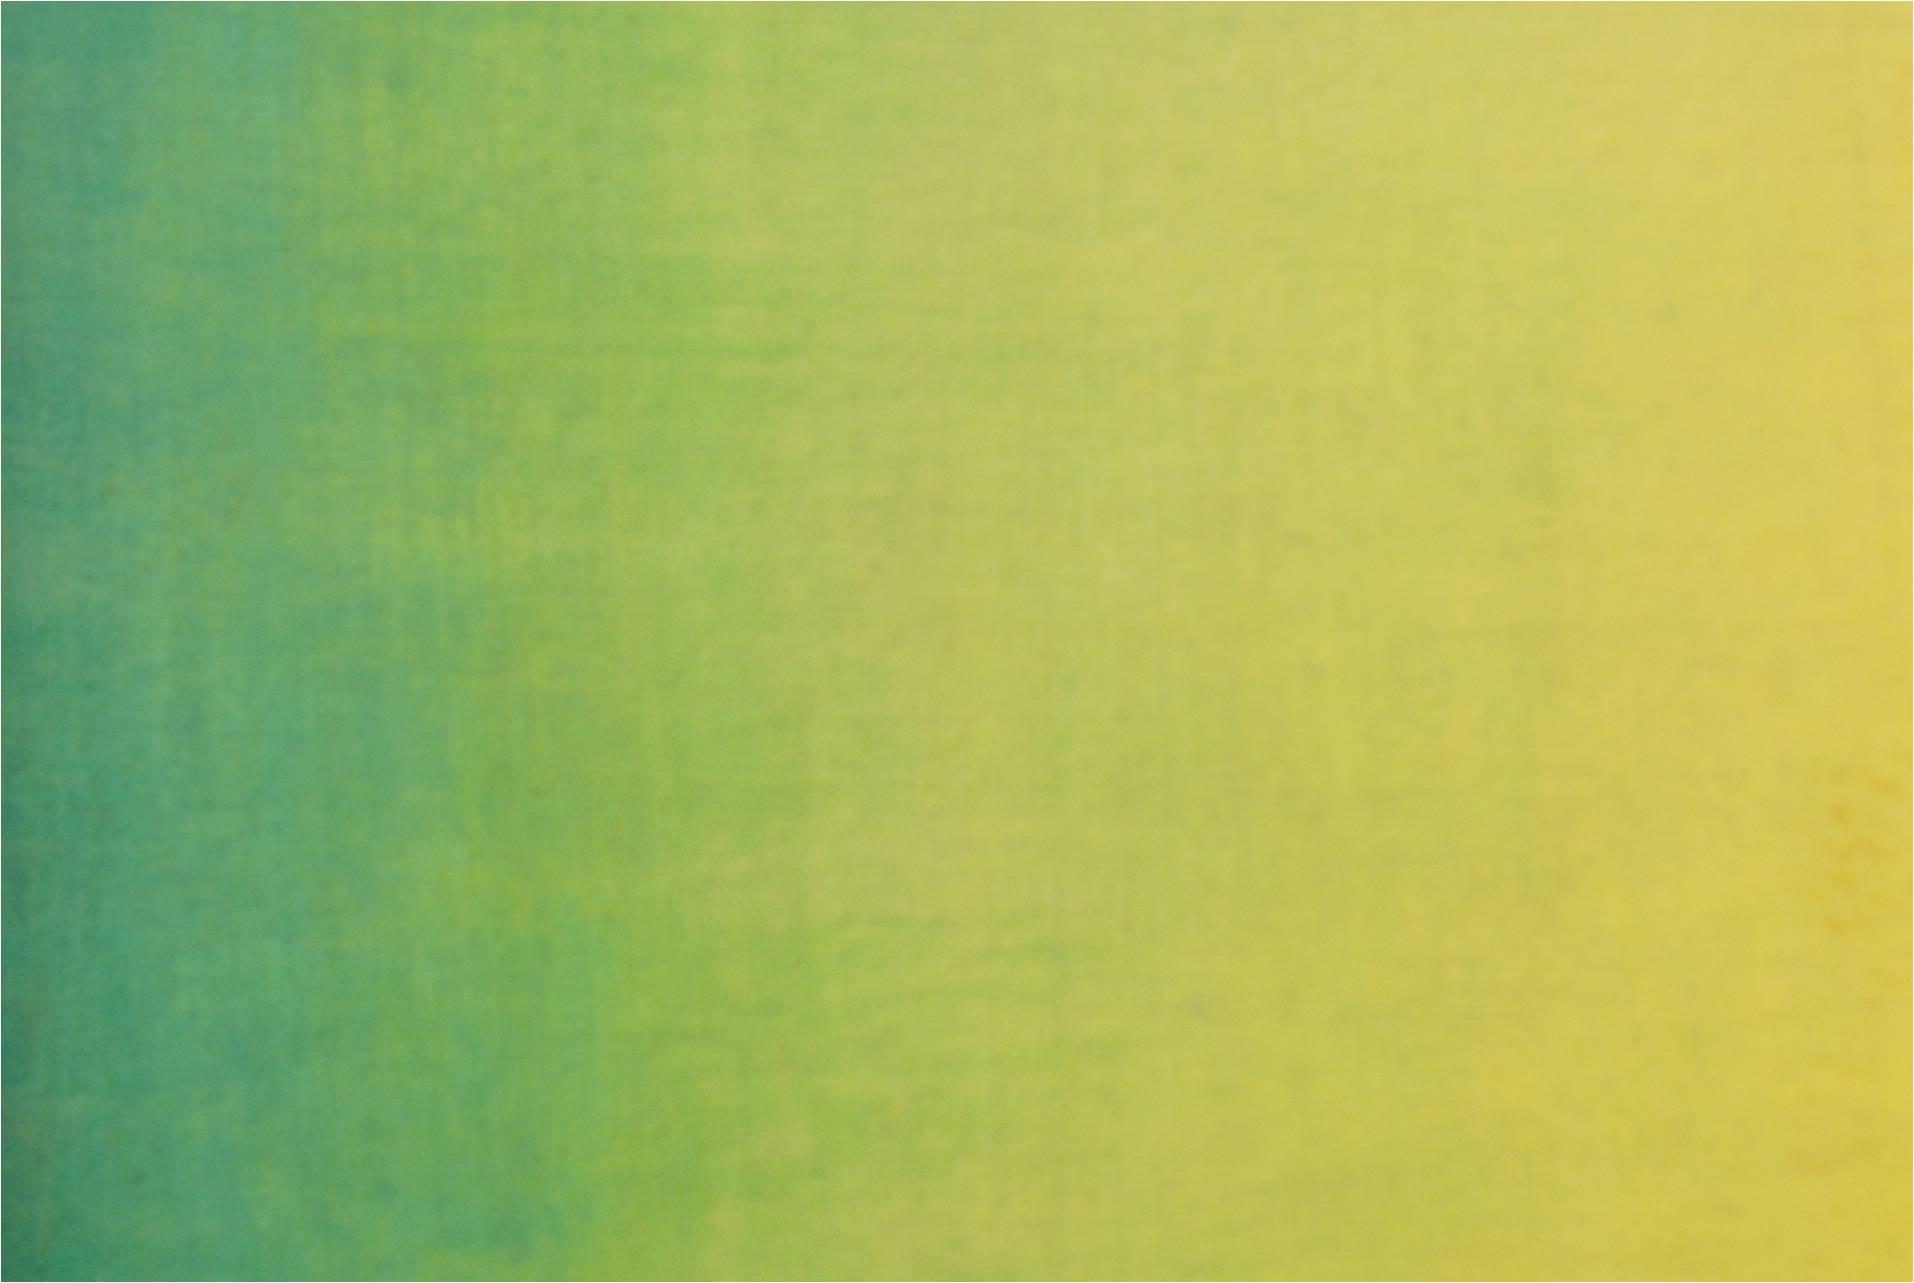 Oder helles Gelb, das ins Grüne übergeht?